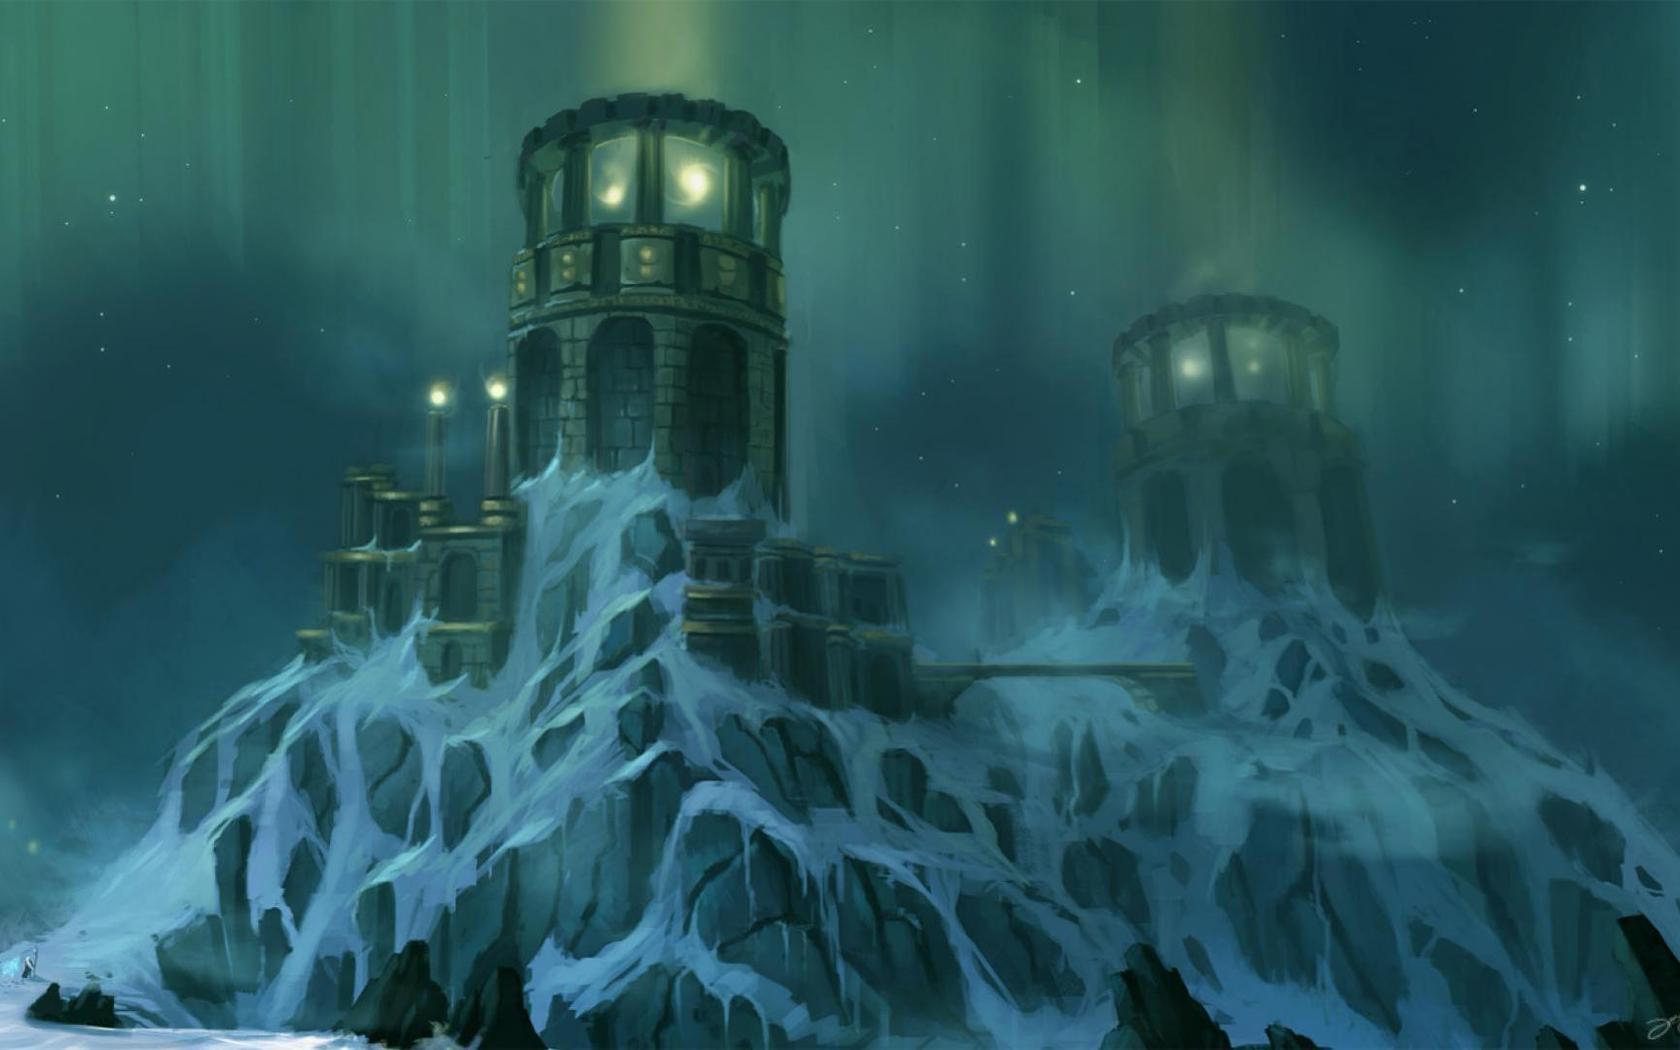 Tower of winternight